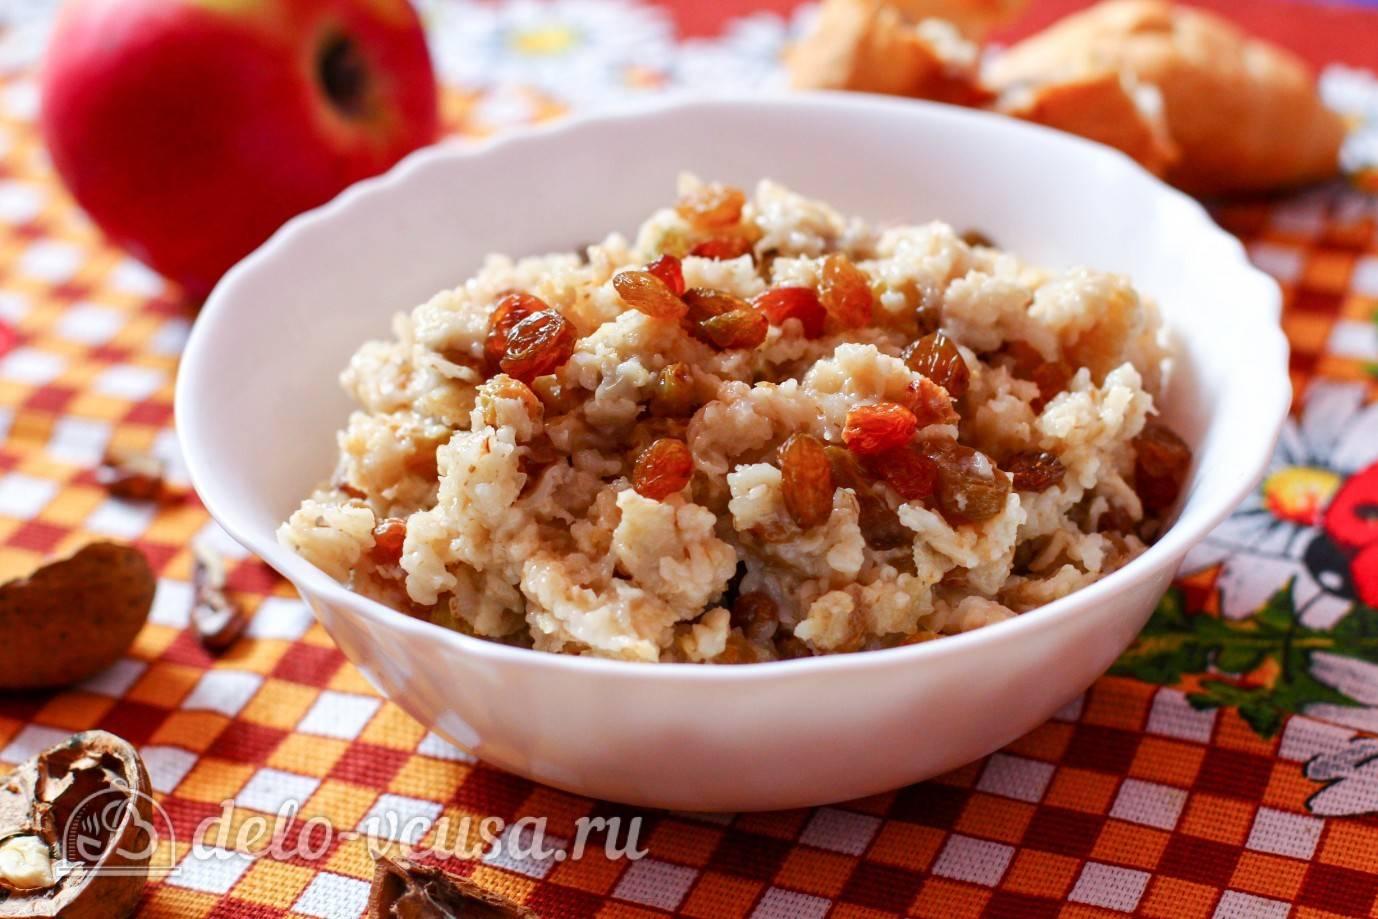 Как приготовить овсянку на воде  готовим вкусный завтрак